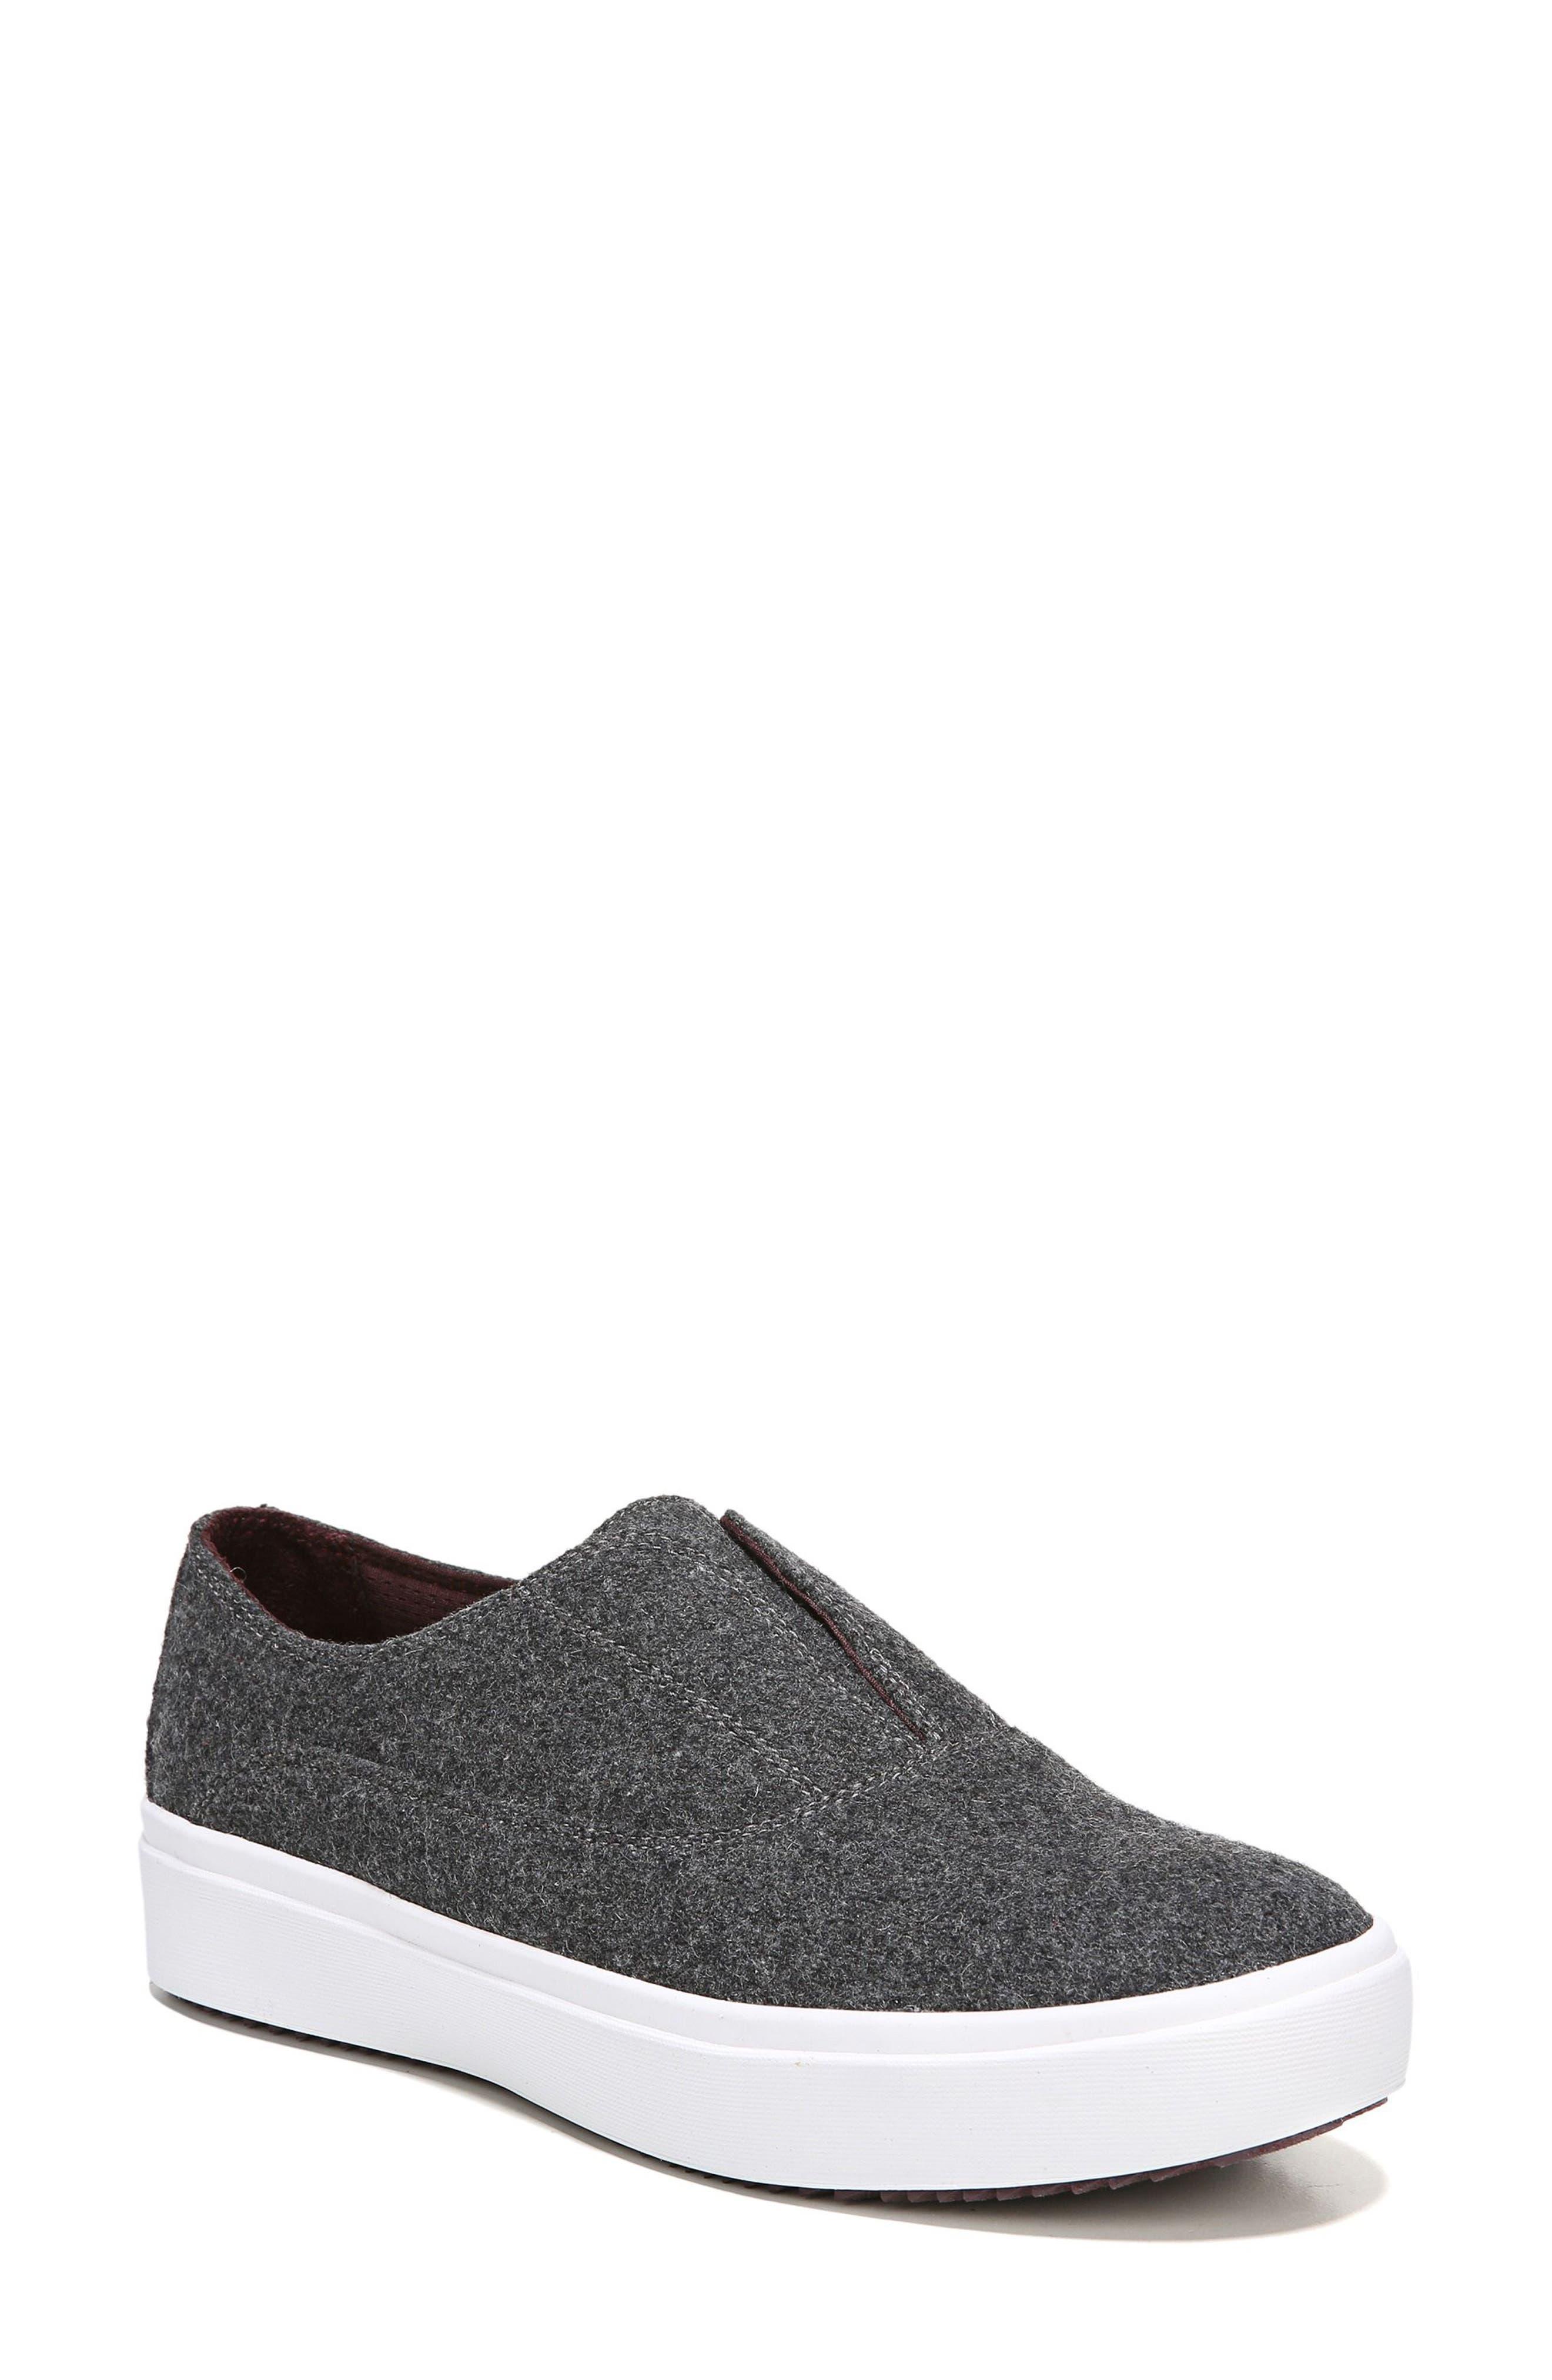 Brey Slip-On Sneaker,                         Main,                         color, 020